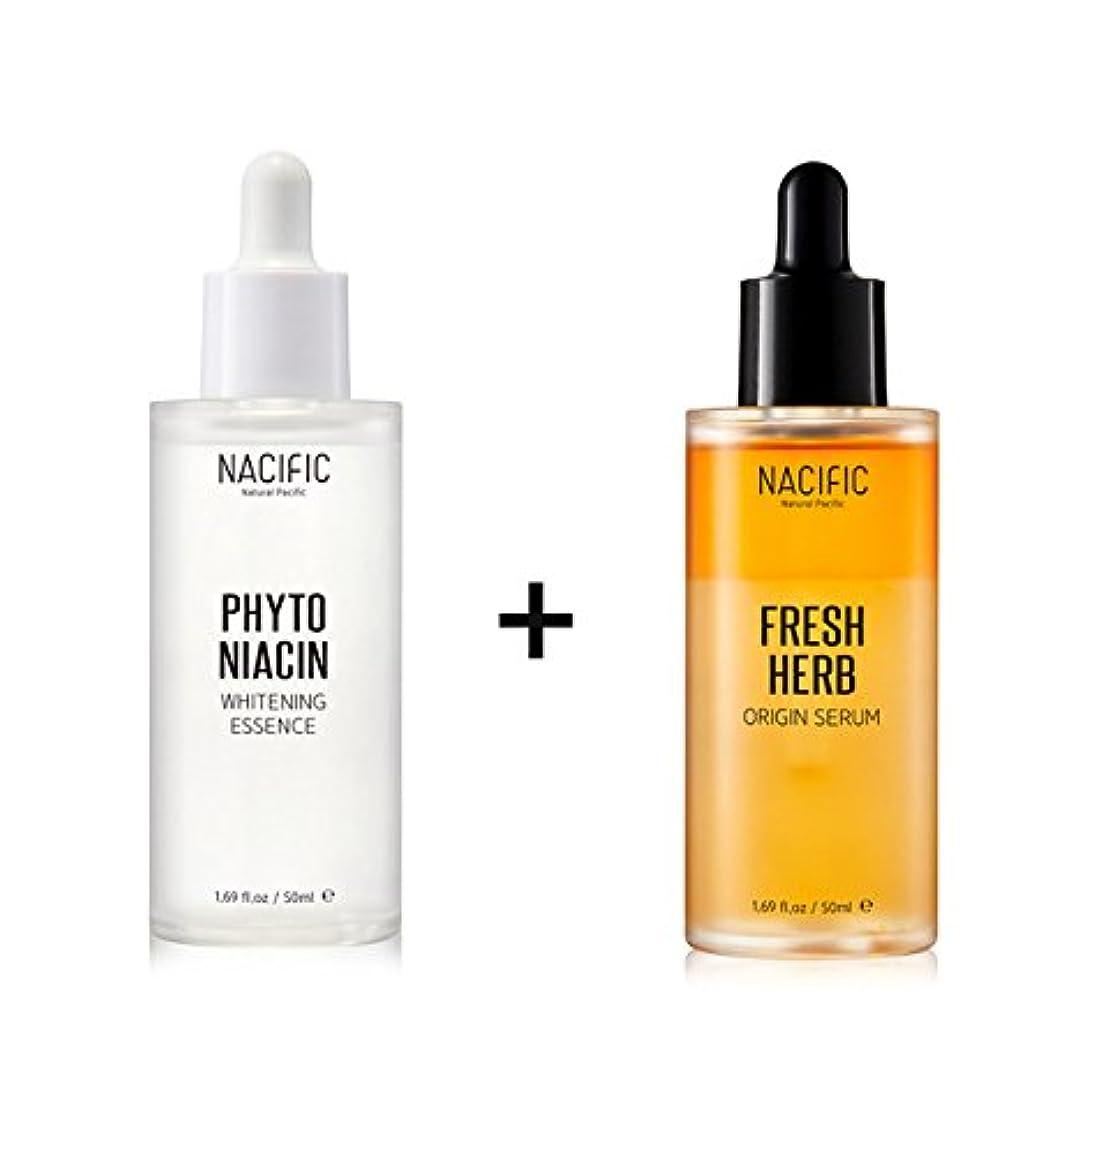 日記謎めいた疑問に思う[Renewal] NACIFIC Fresh Herb Origin Serum 50ml + Phyto Niacin Whitening Essence 50ml/ナシフィック フレッシュ ハーブ オリジン セラム...